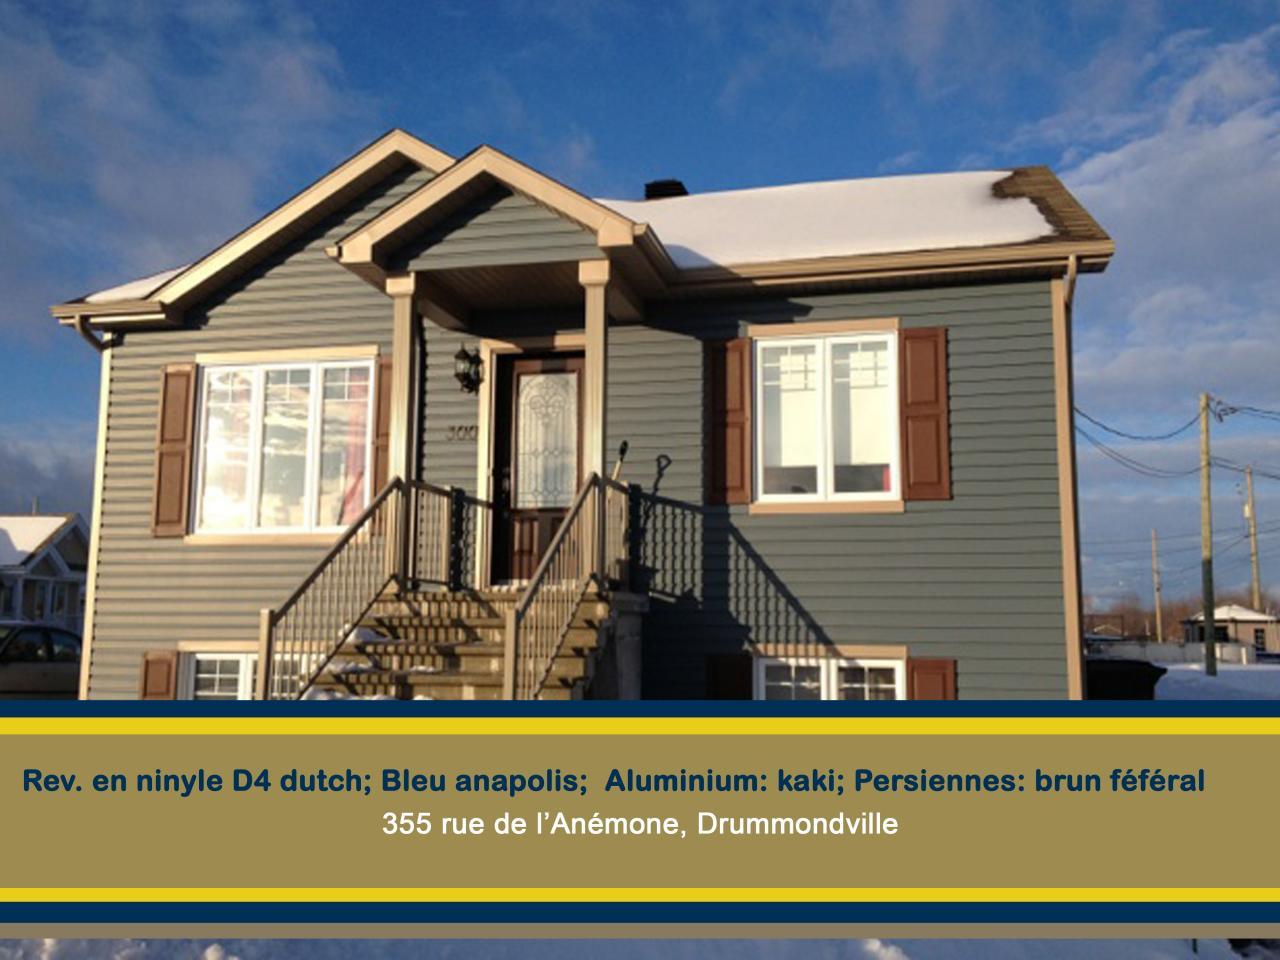 300 rue de l'Anémone Drummondville